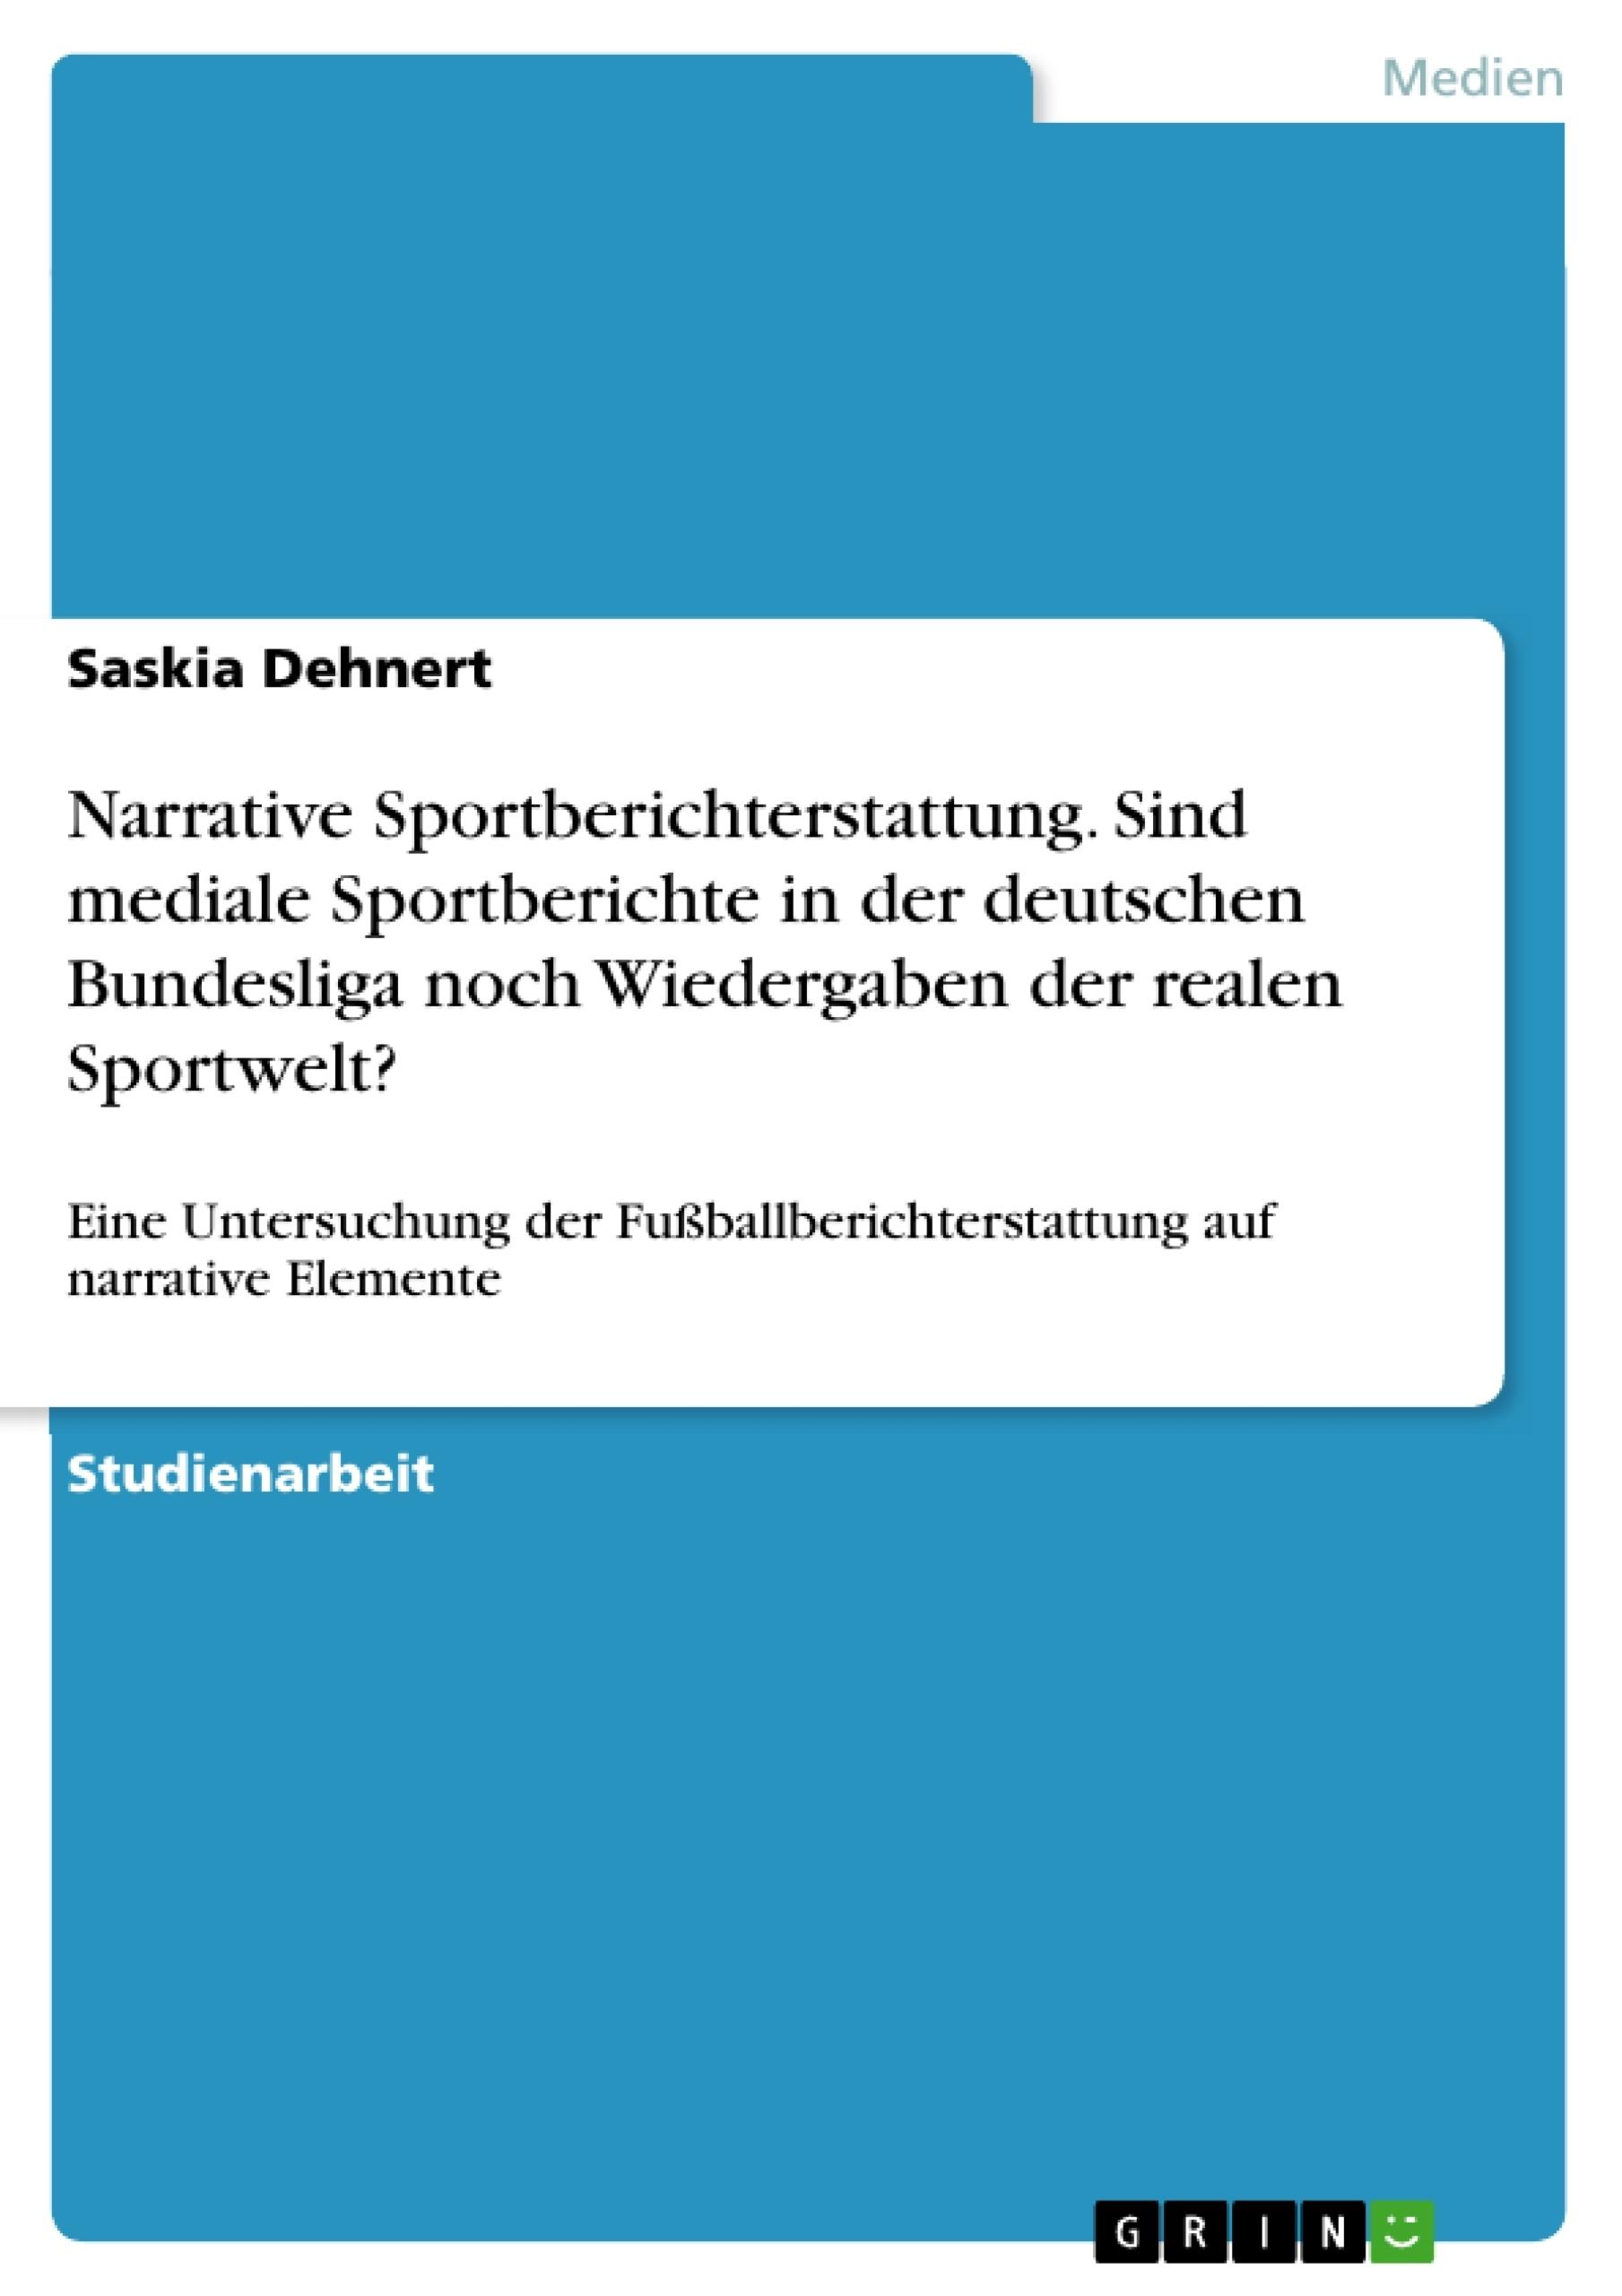 Titel: Narrative Sportberichterstattung. Sind mediale Sportberichte in der deutschen Bundesliga noch Wiedergaben der realen Sportwelt?